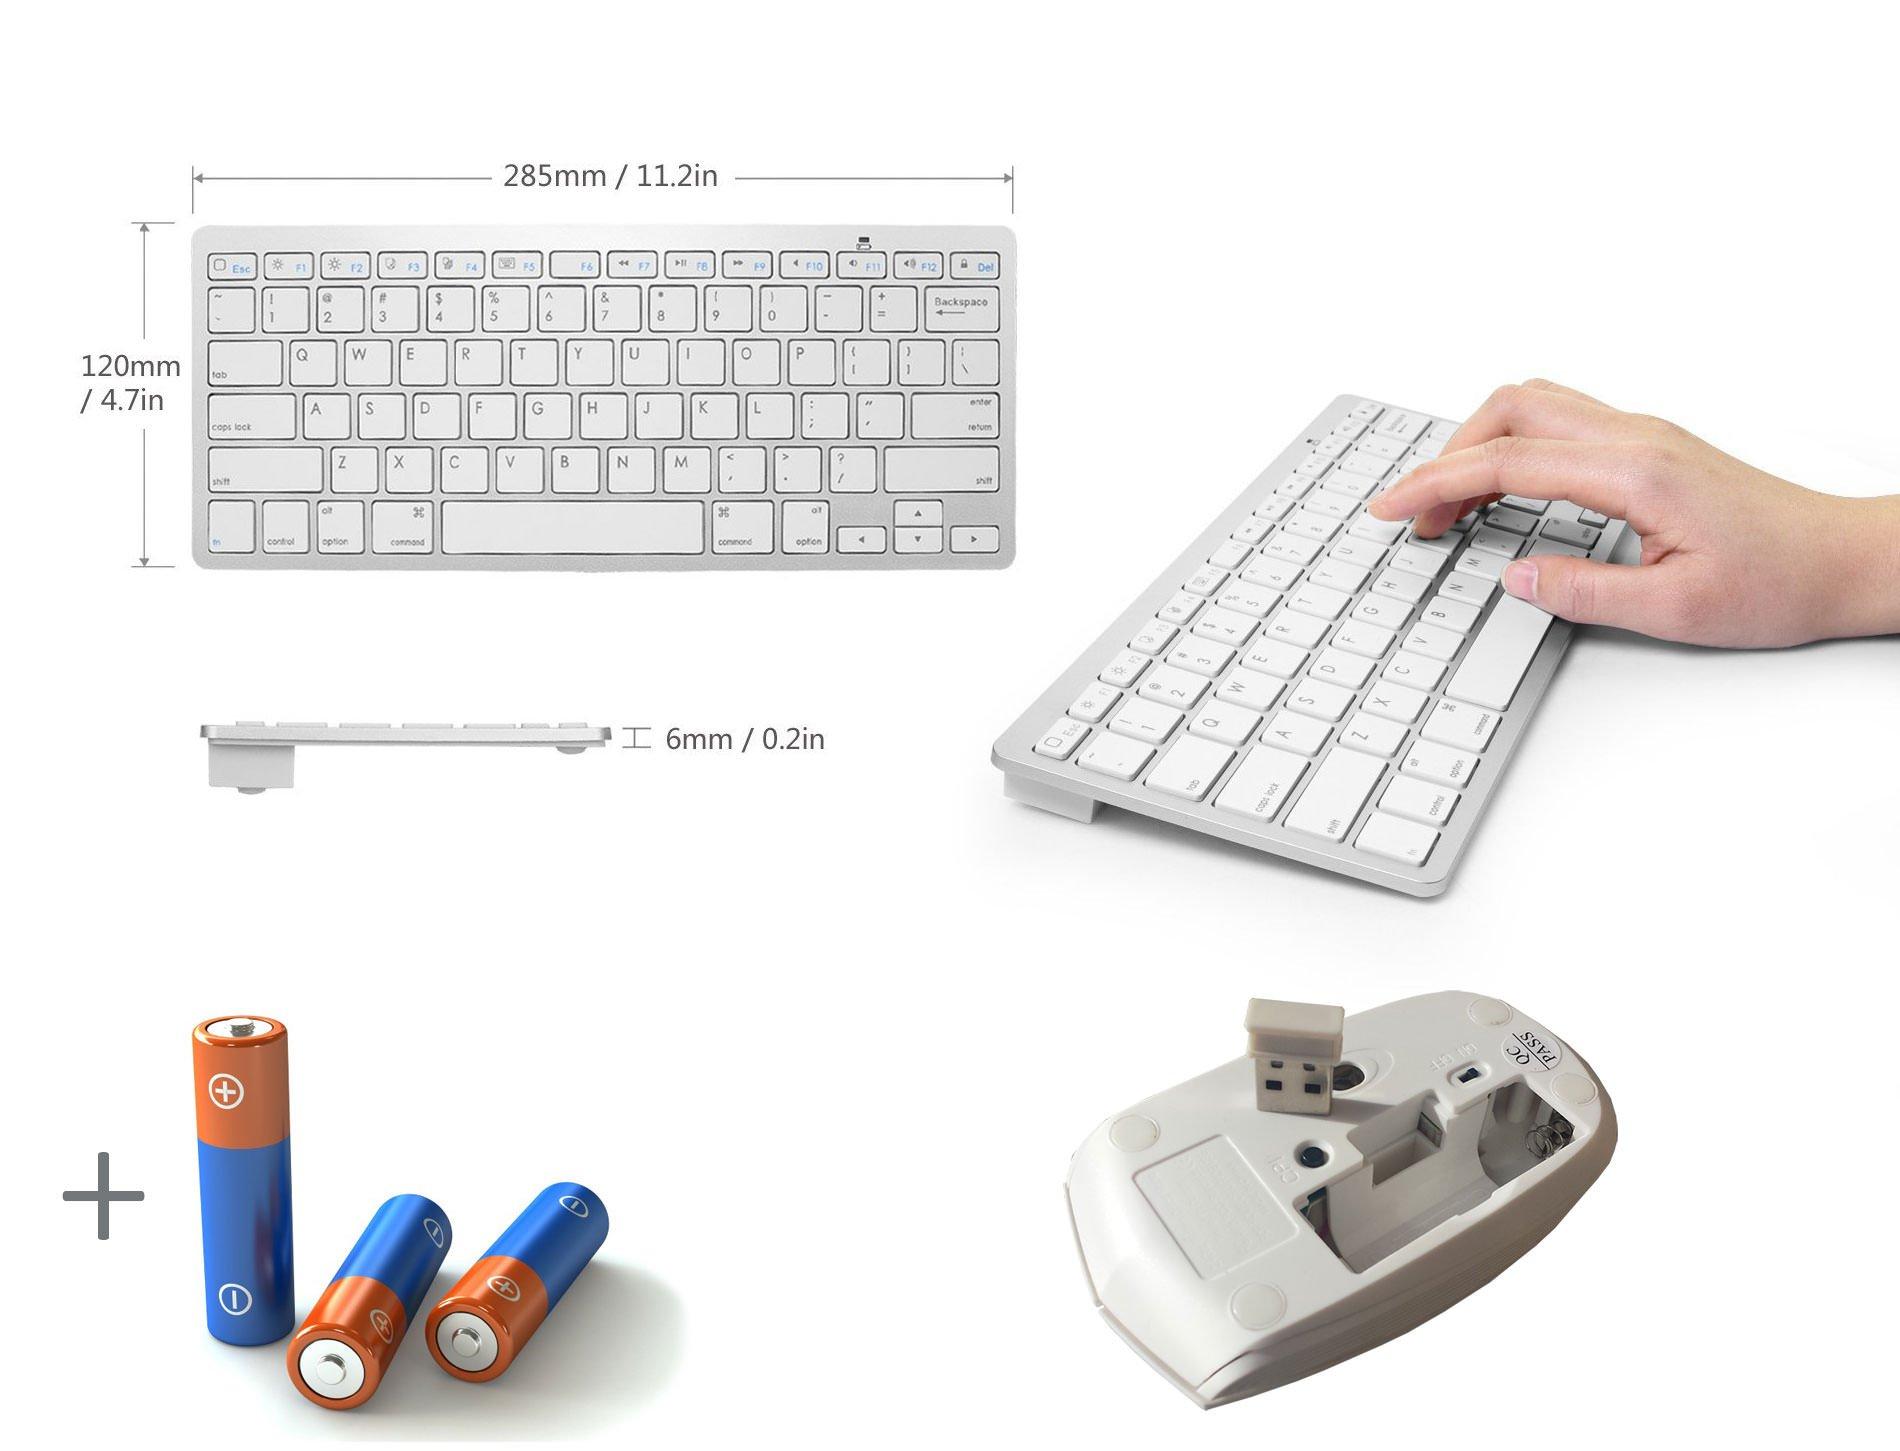 Blanco Mini teclado inalámbrico y ratón para LG 65uj701 V de control fácil 65